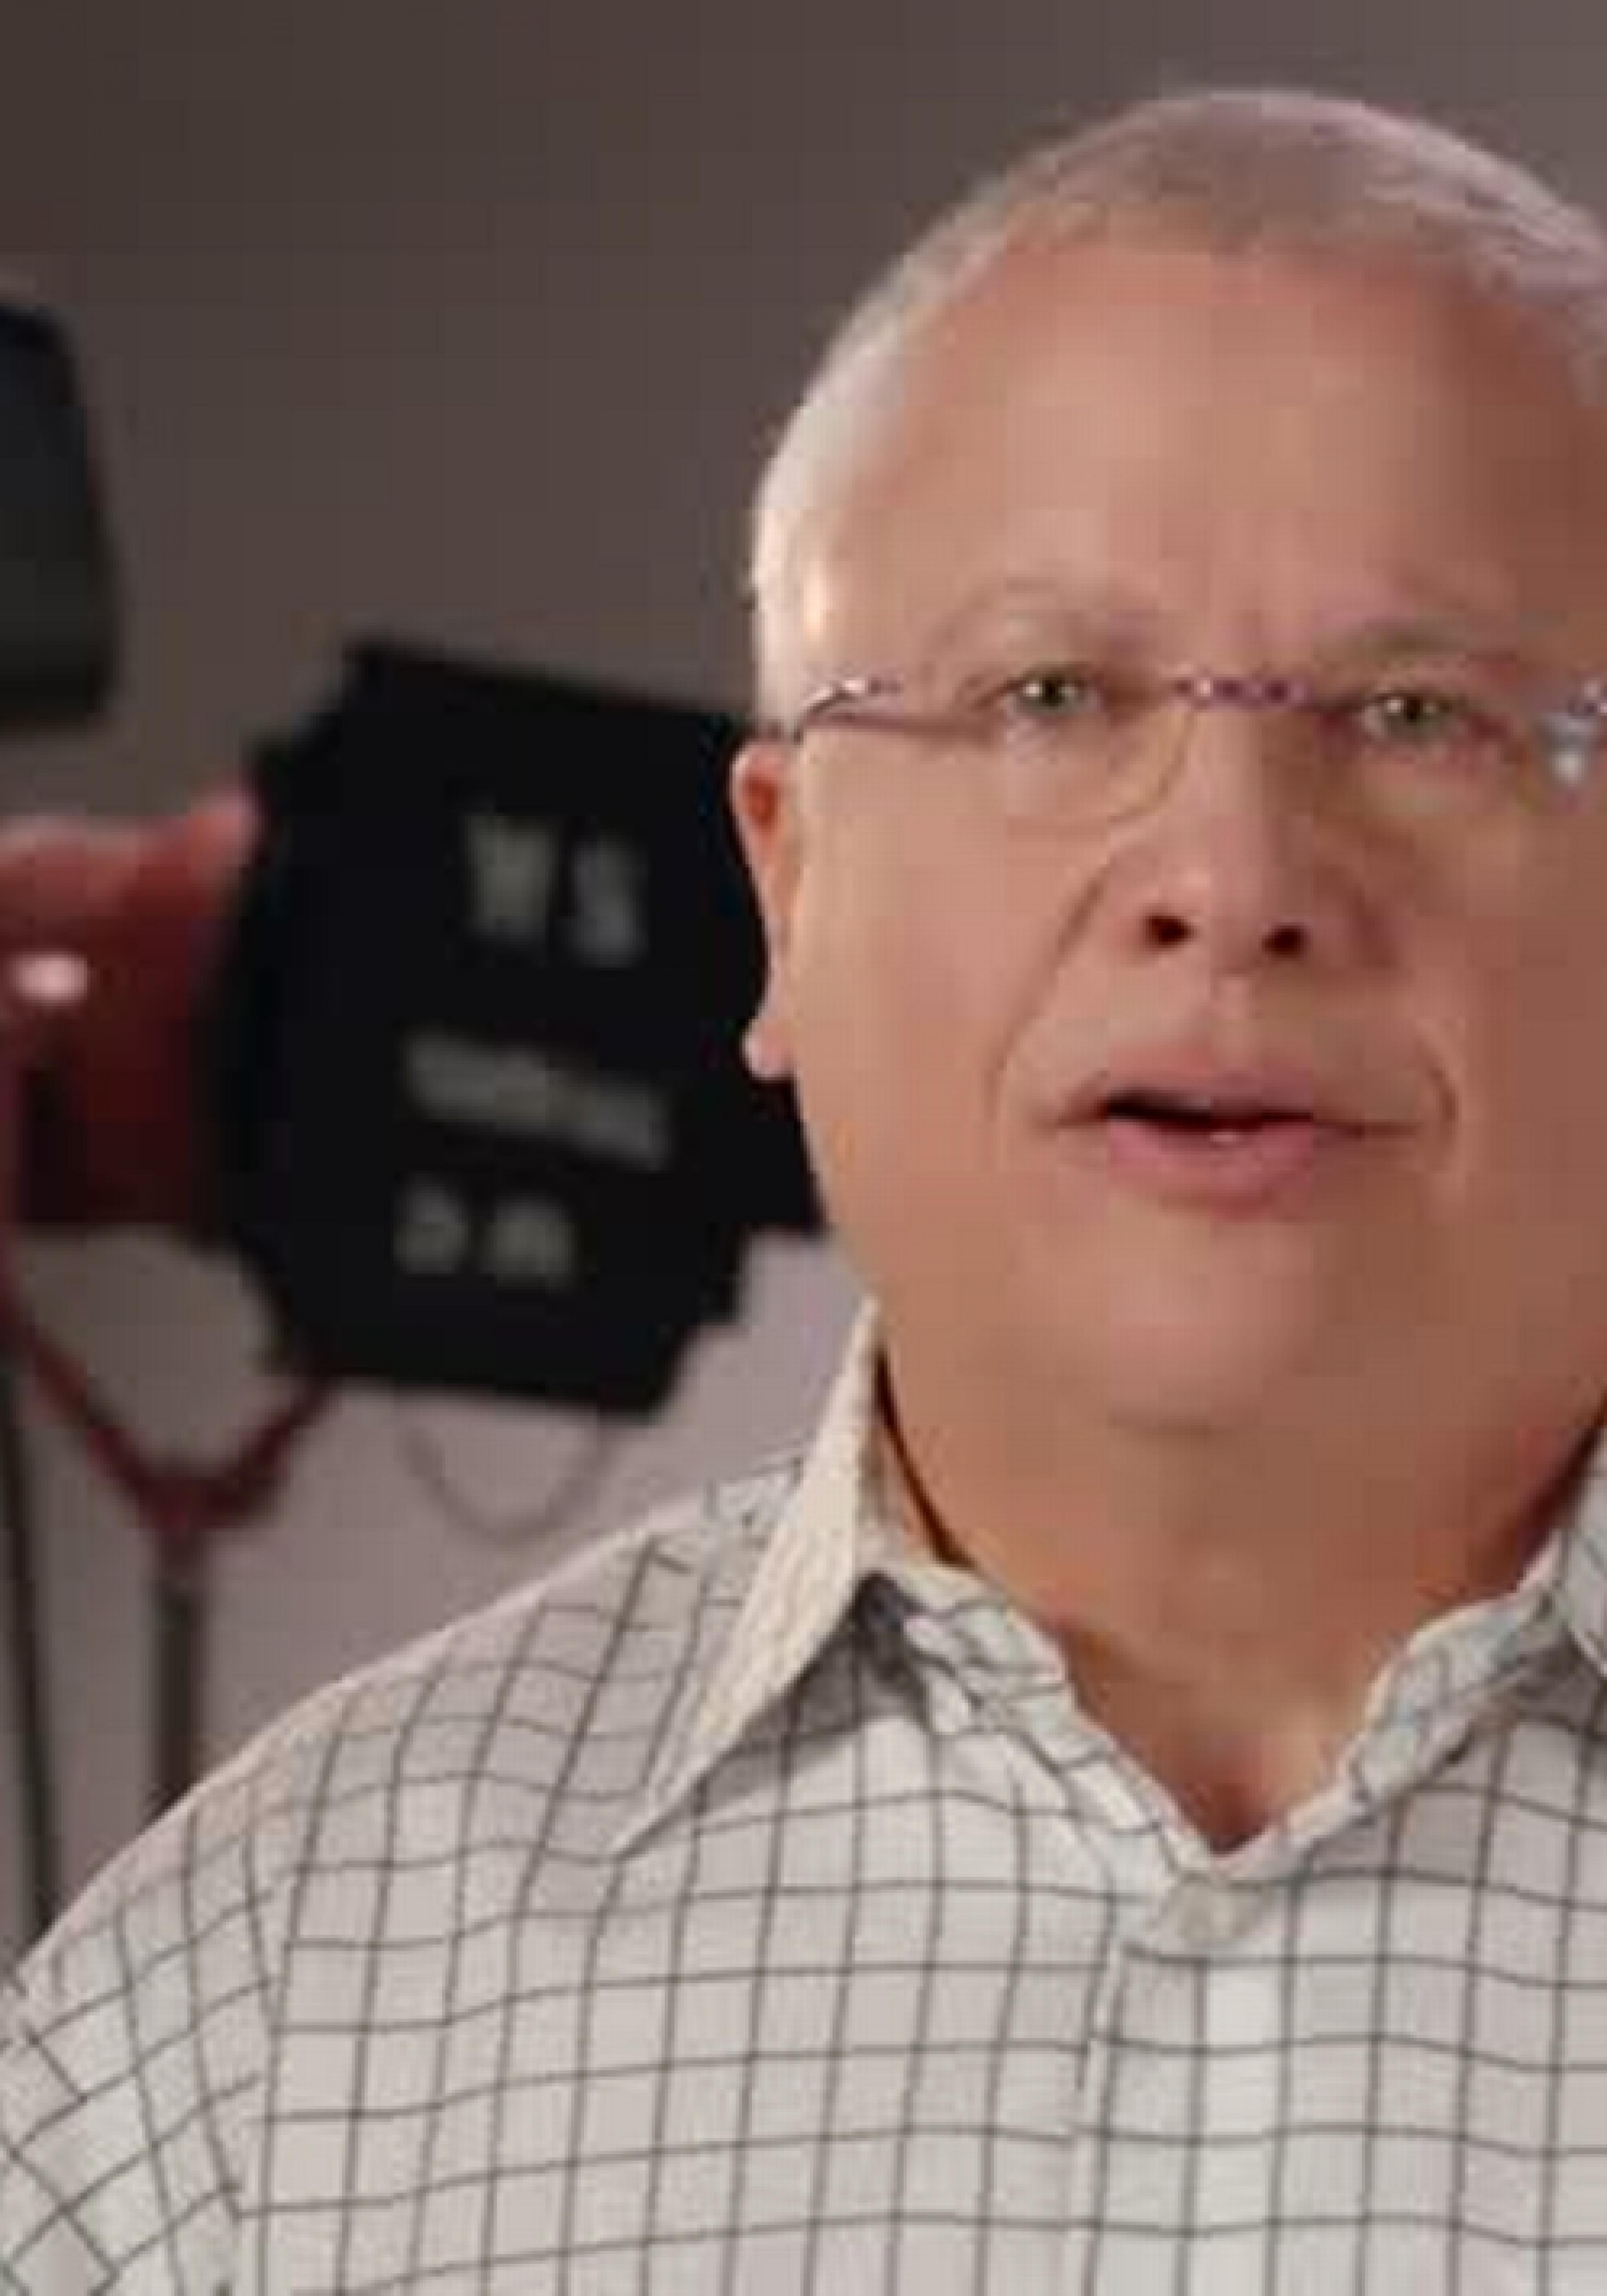 Carlos Beruff releases third U.S. Senate campaign ad